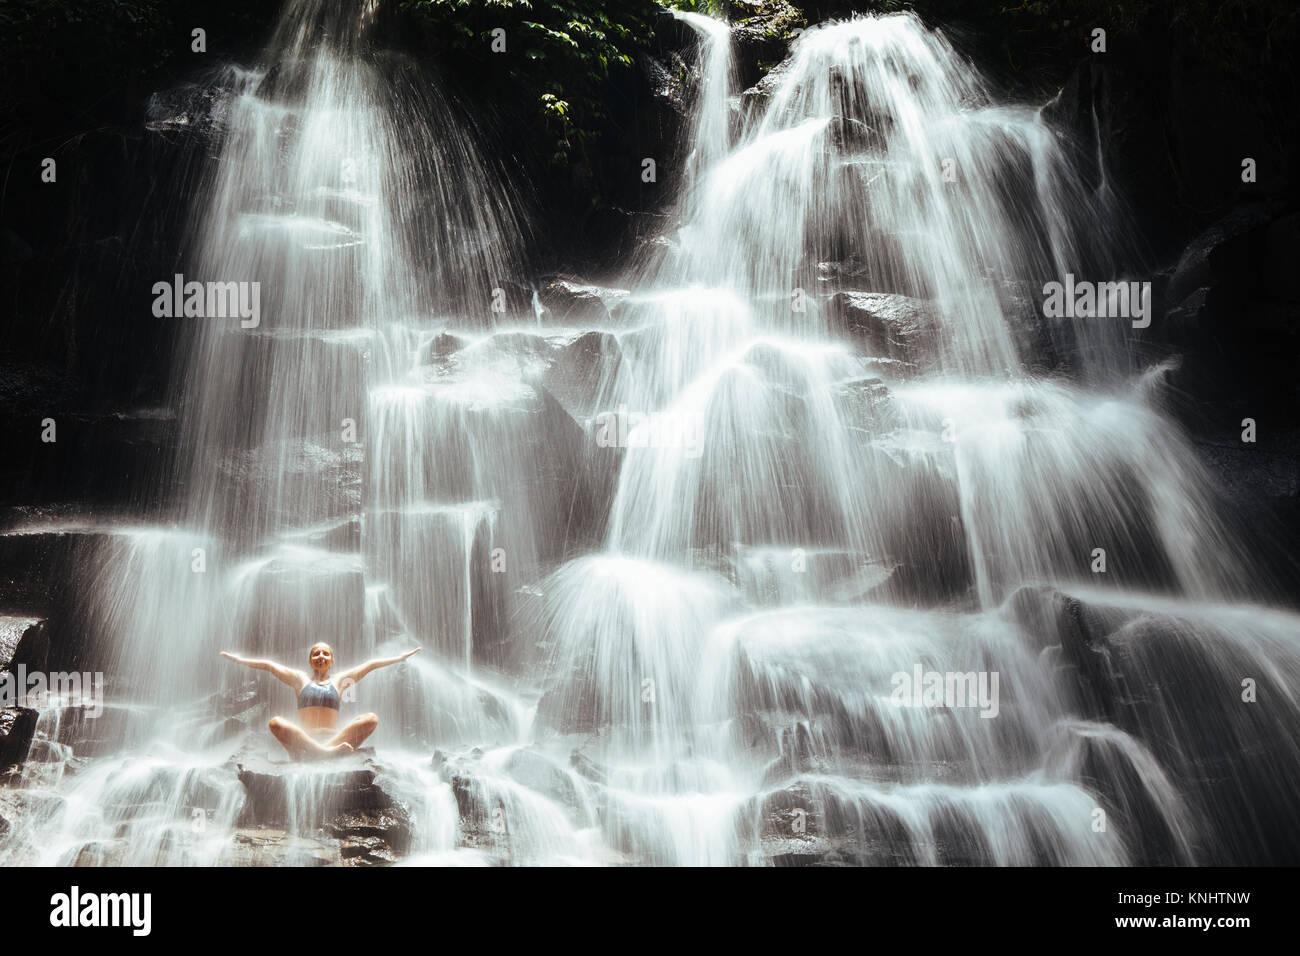 Reisen in Bali Dschungel. Schöne junge Frau in Yoga sitting Pose auf Fels unter der Feder Wasser, genießen Stockbild